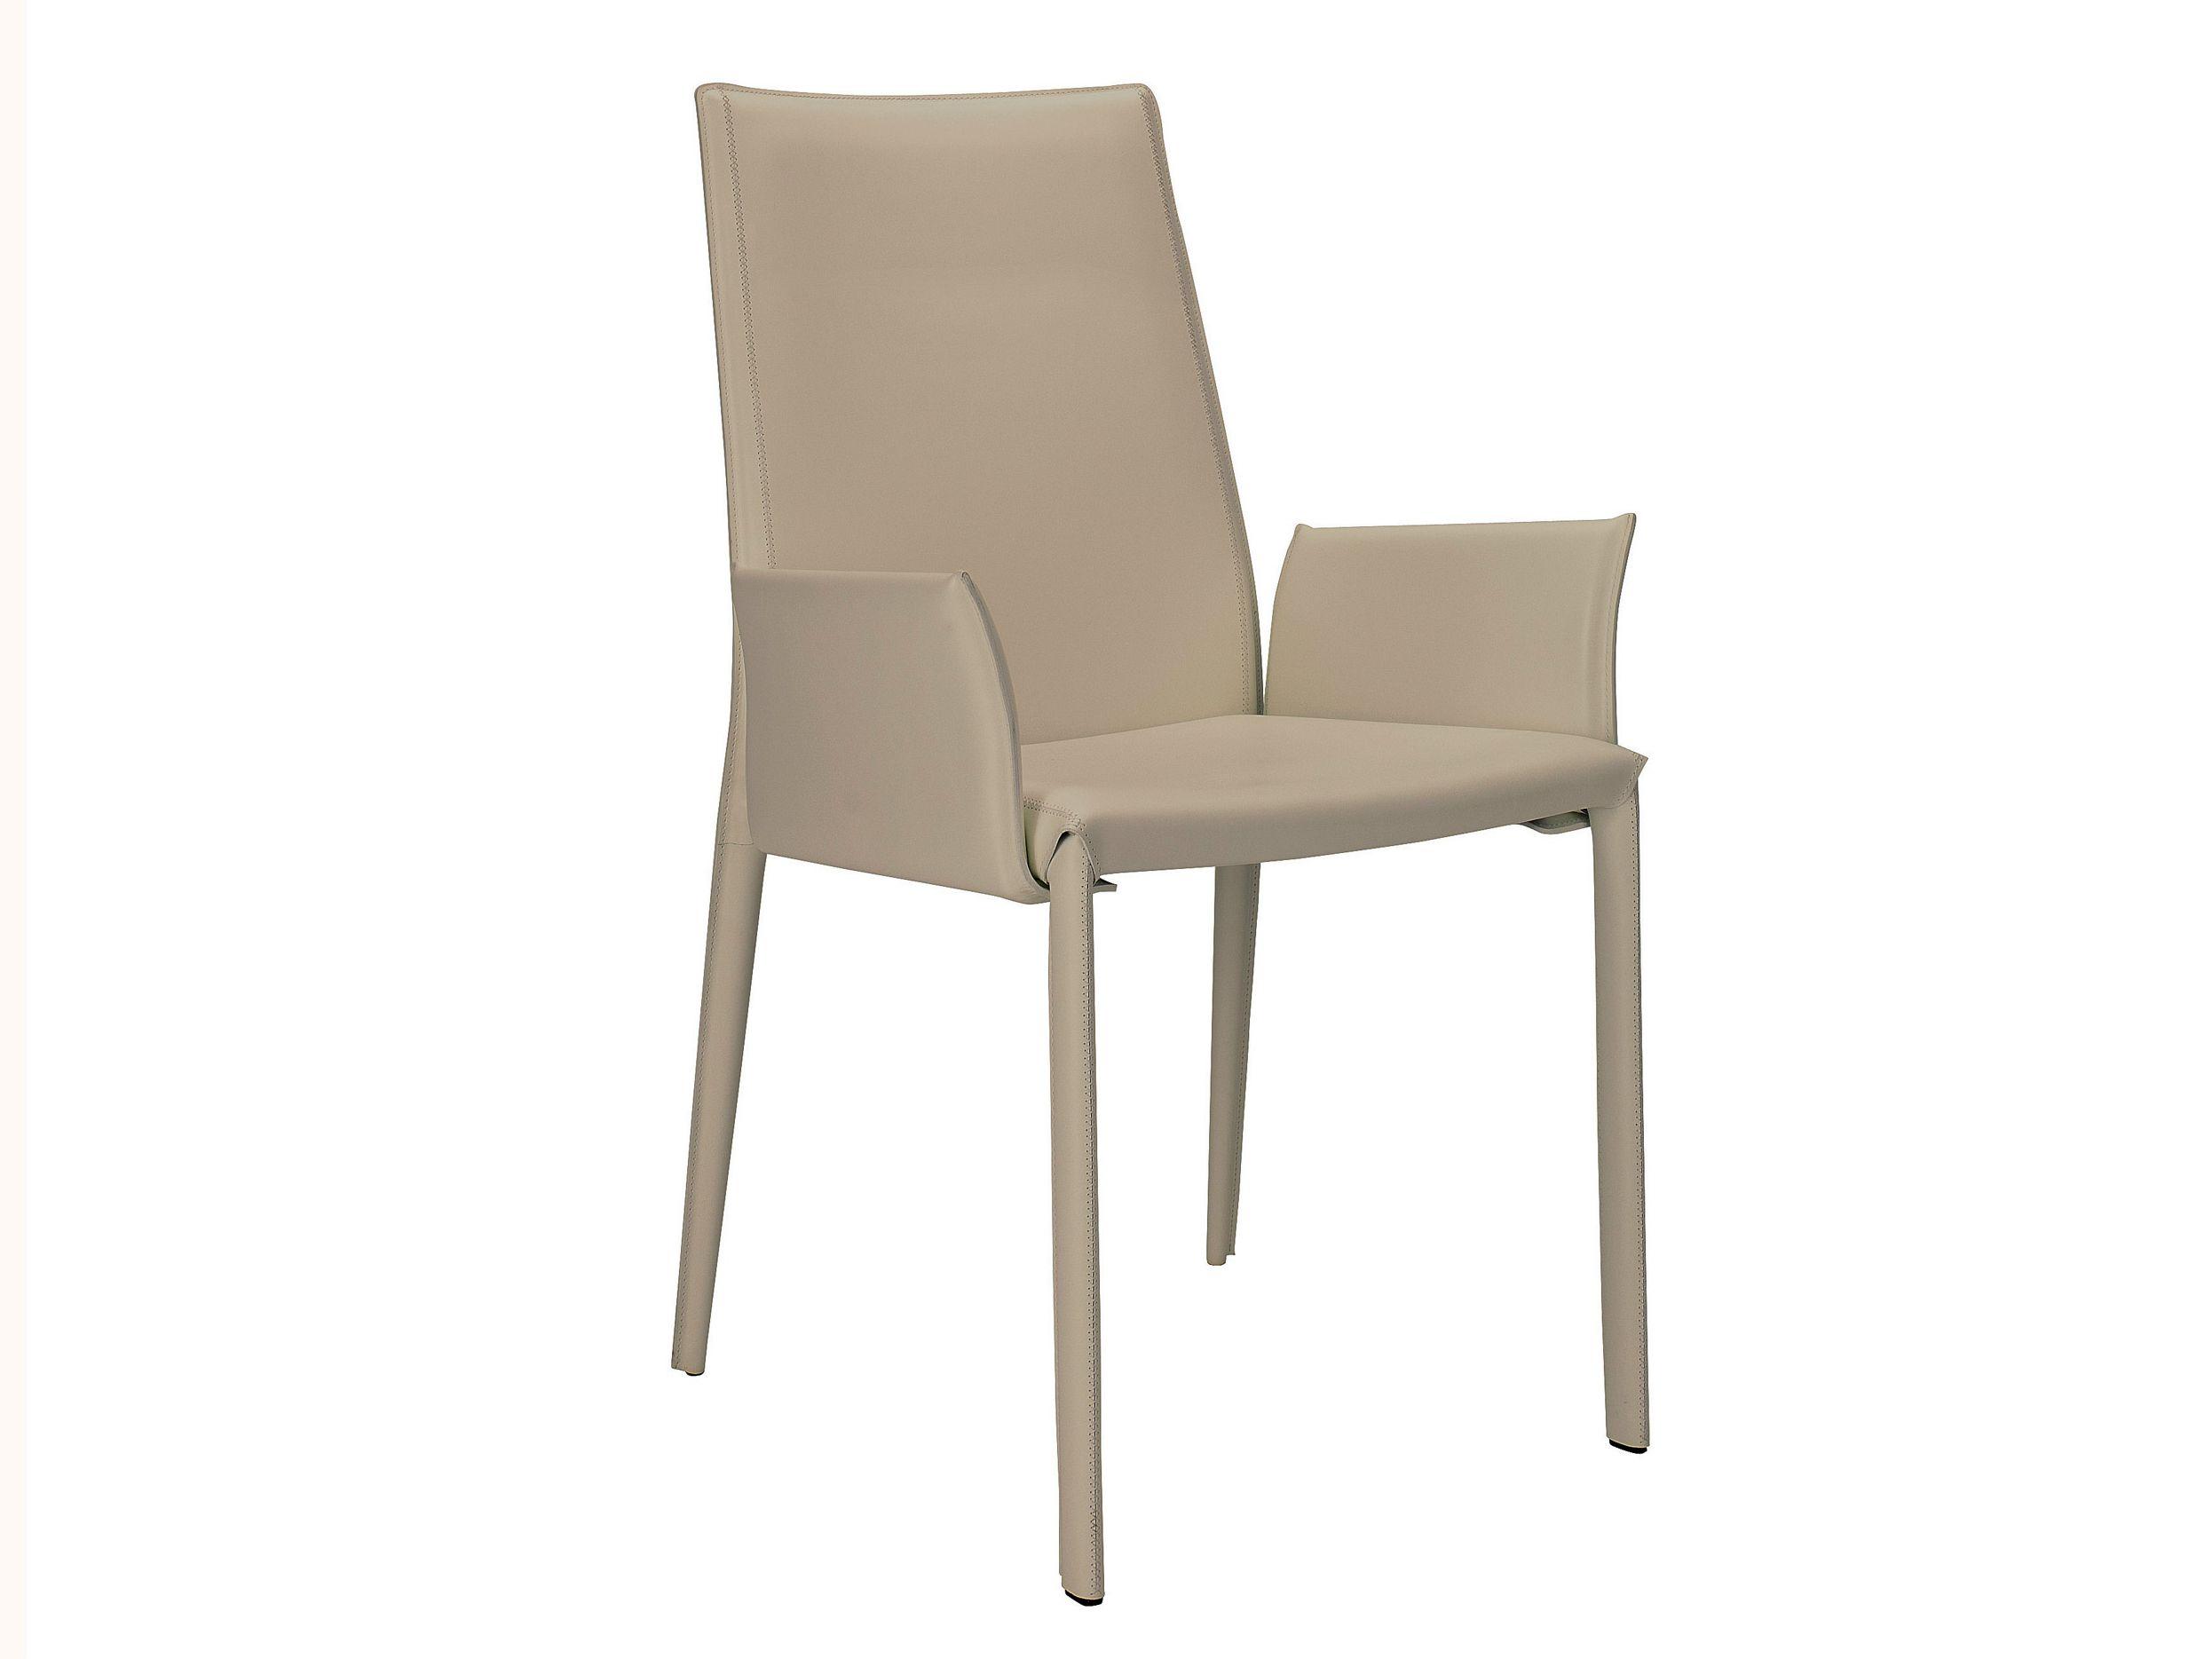 Sthle mit armlehnen finest medium size of stuhle armlehne for Hoher stuhl mit armlehne